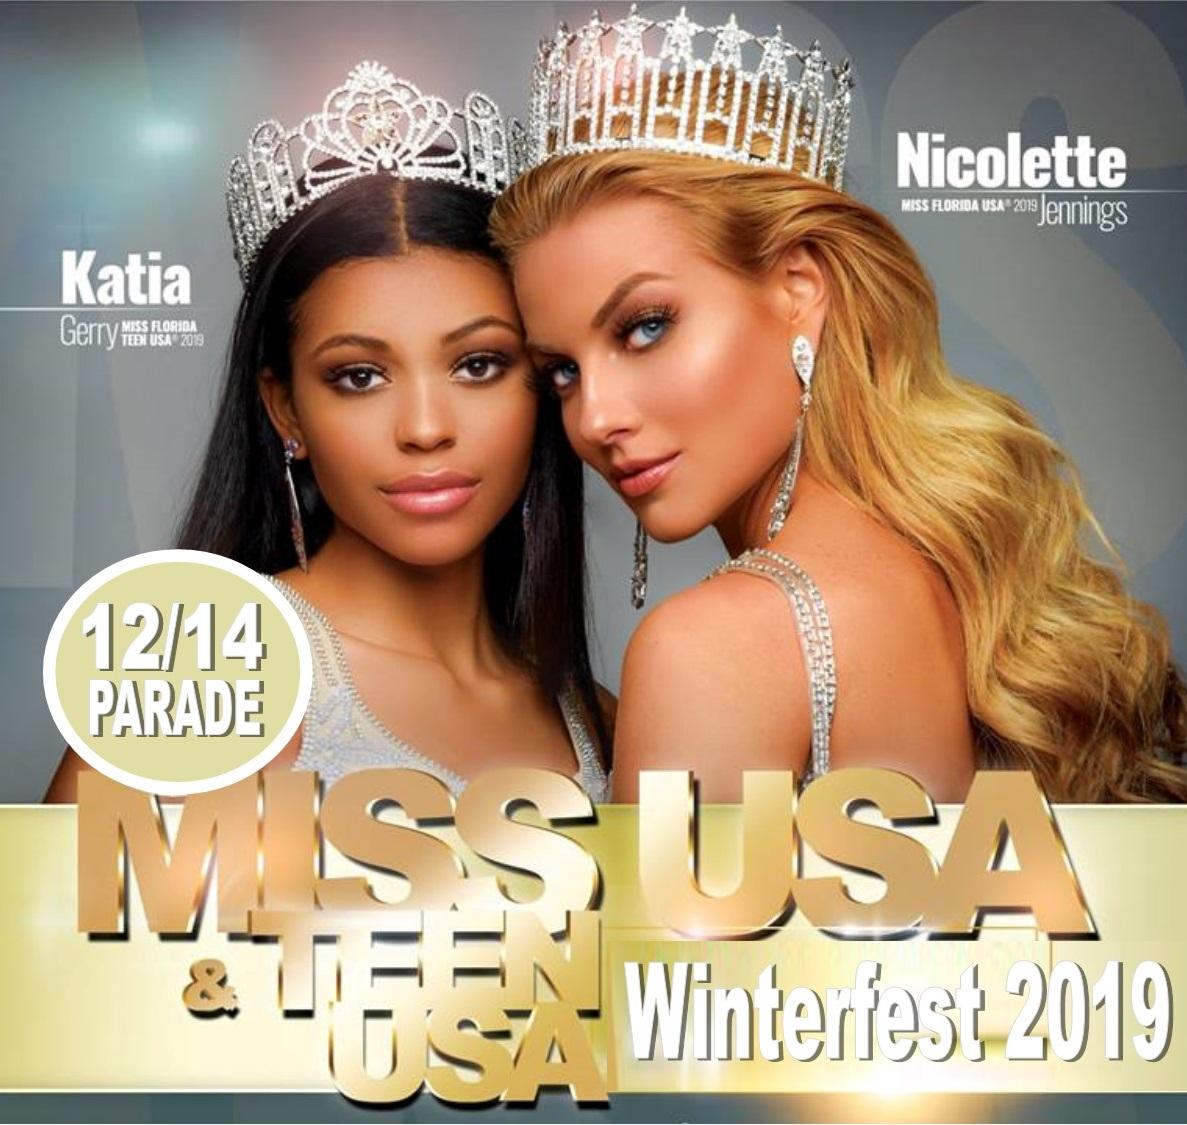 Photo of Nicolette and Katia